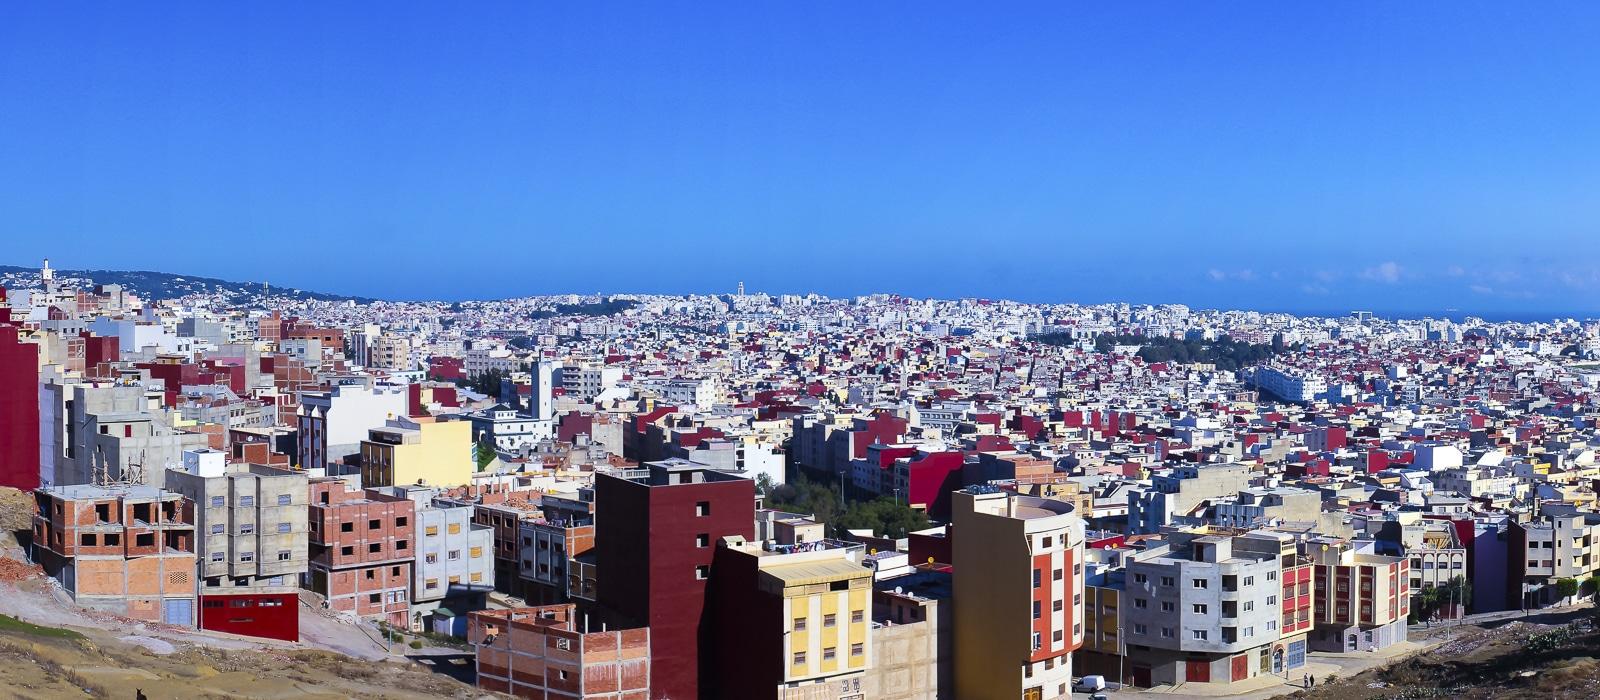 img-diapo-entete - Maroc-1600x700-19.jpg